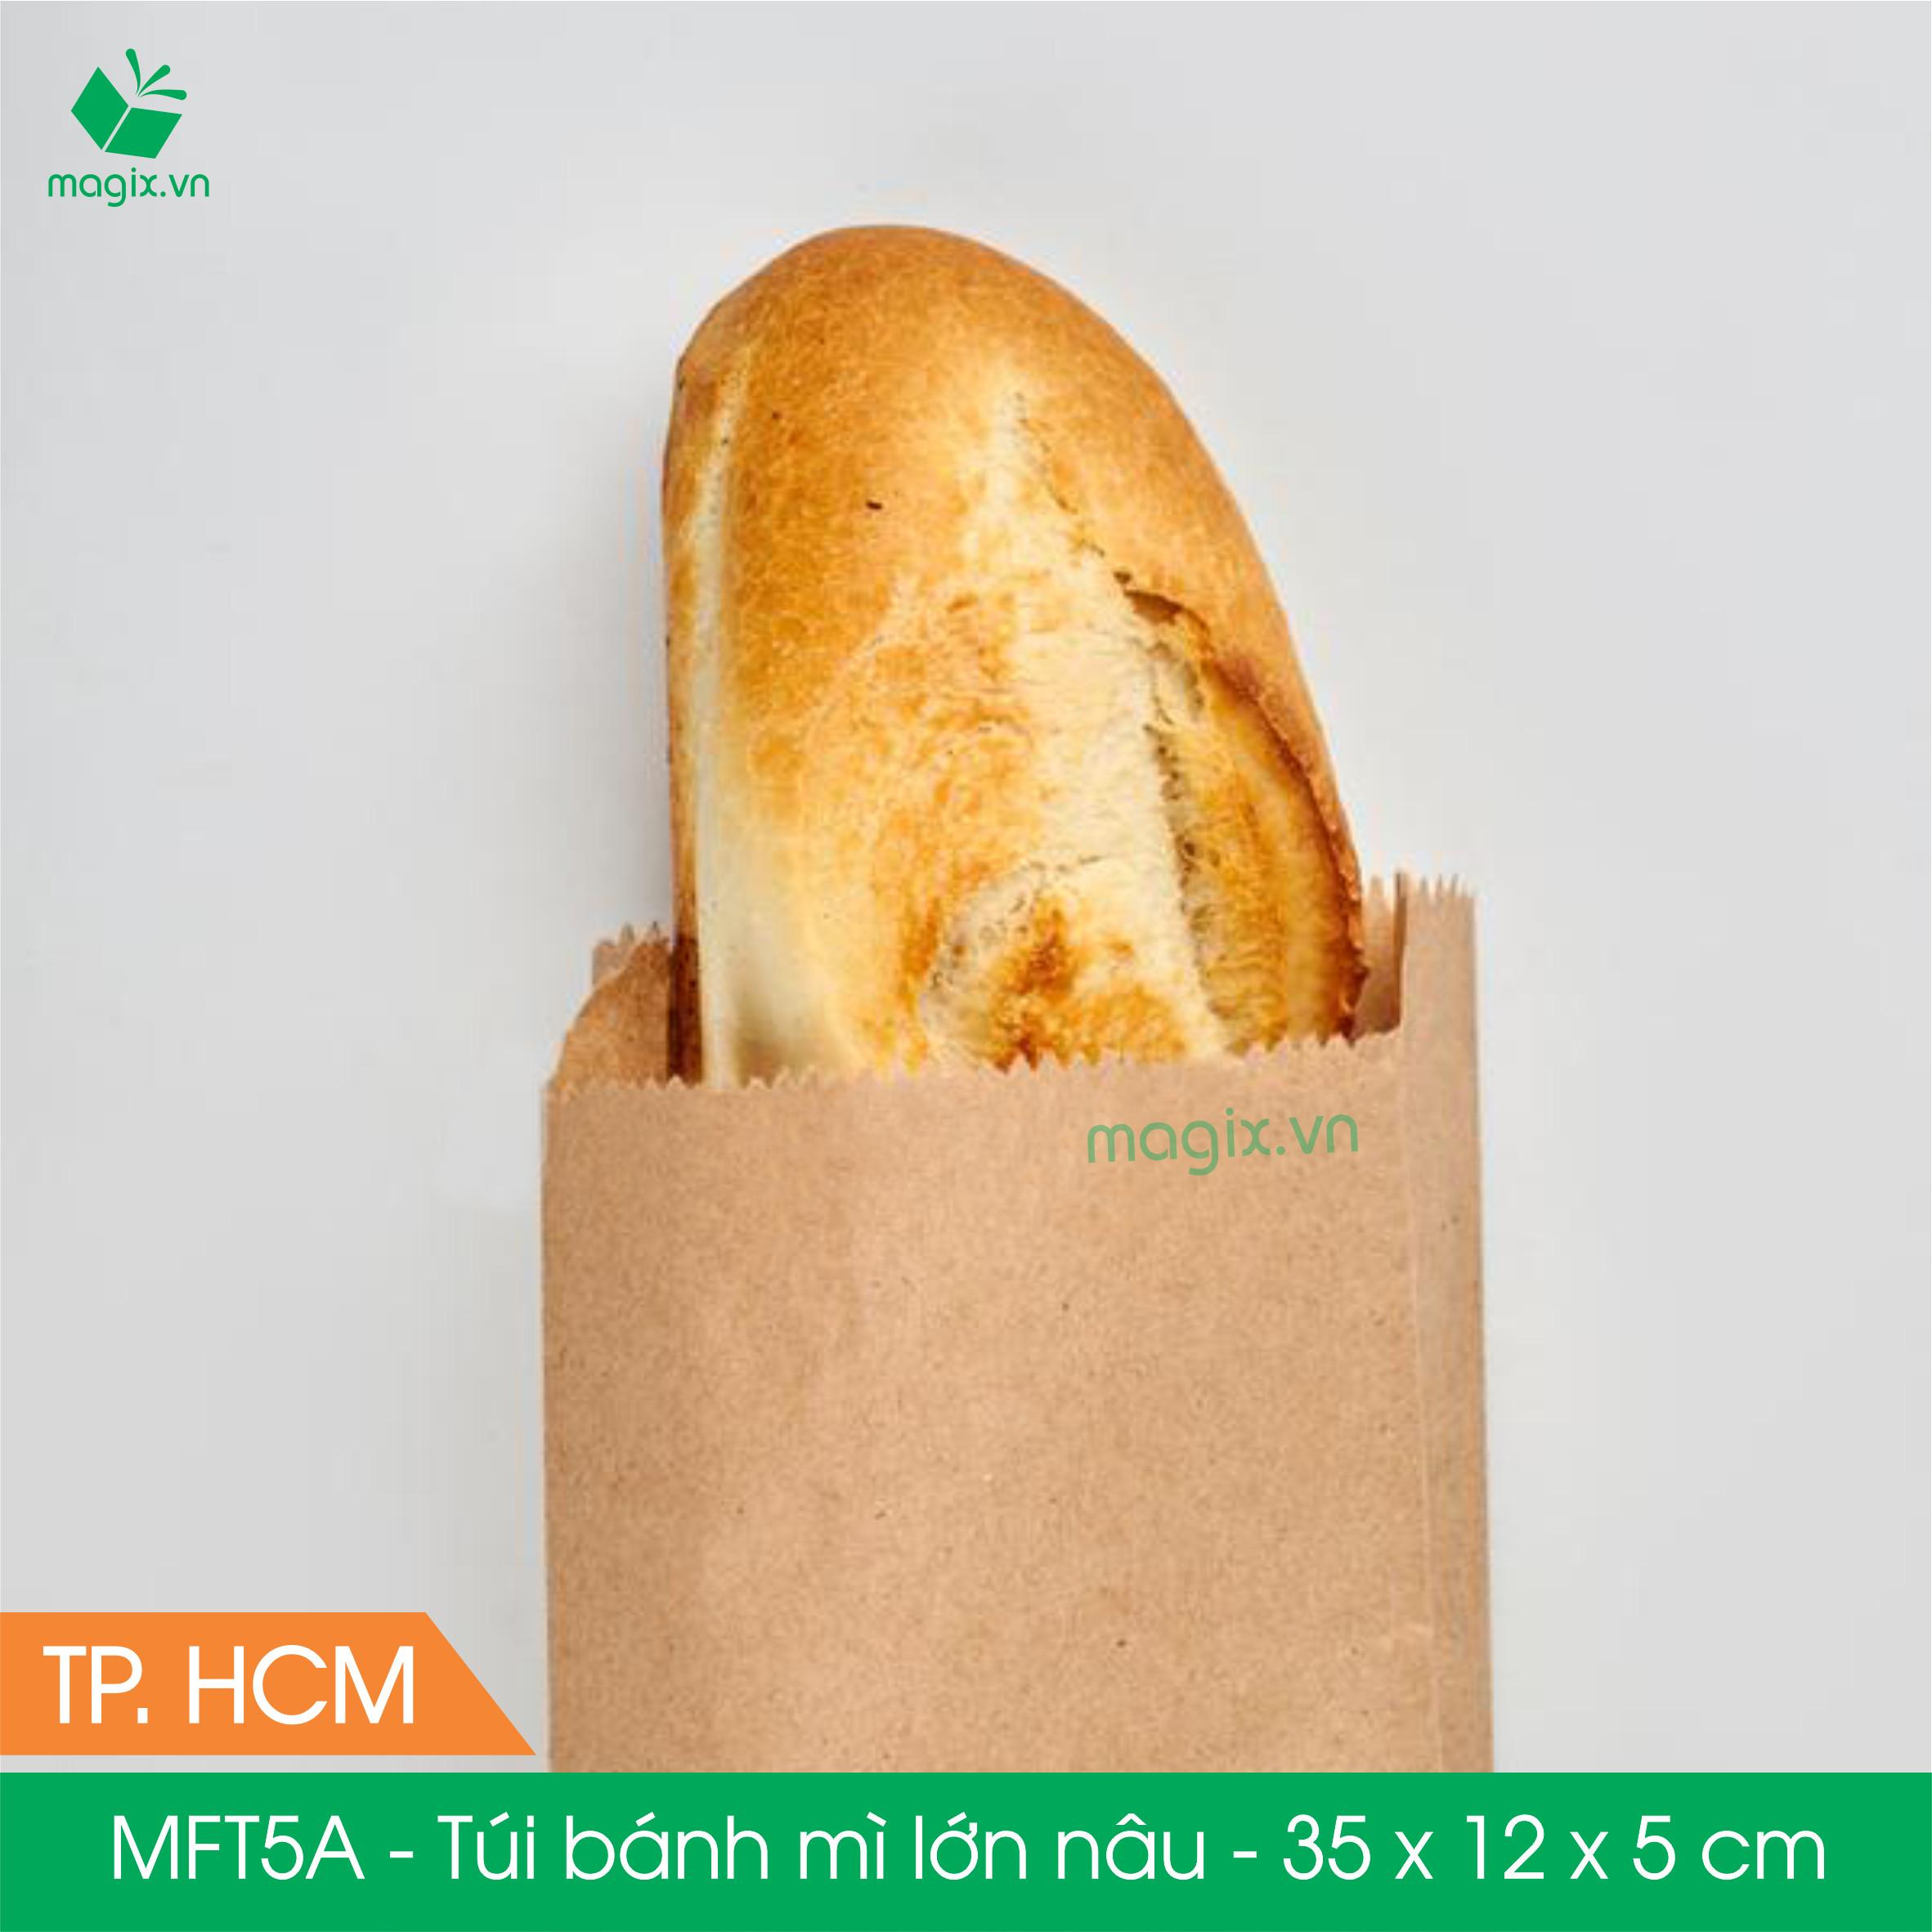 MFT5A- 35x12x5 cm - 100 Túi đựng thực phẩm - Túi đựng đồ ăn